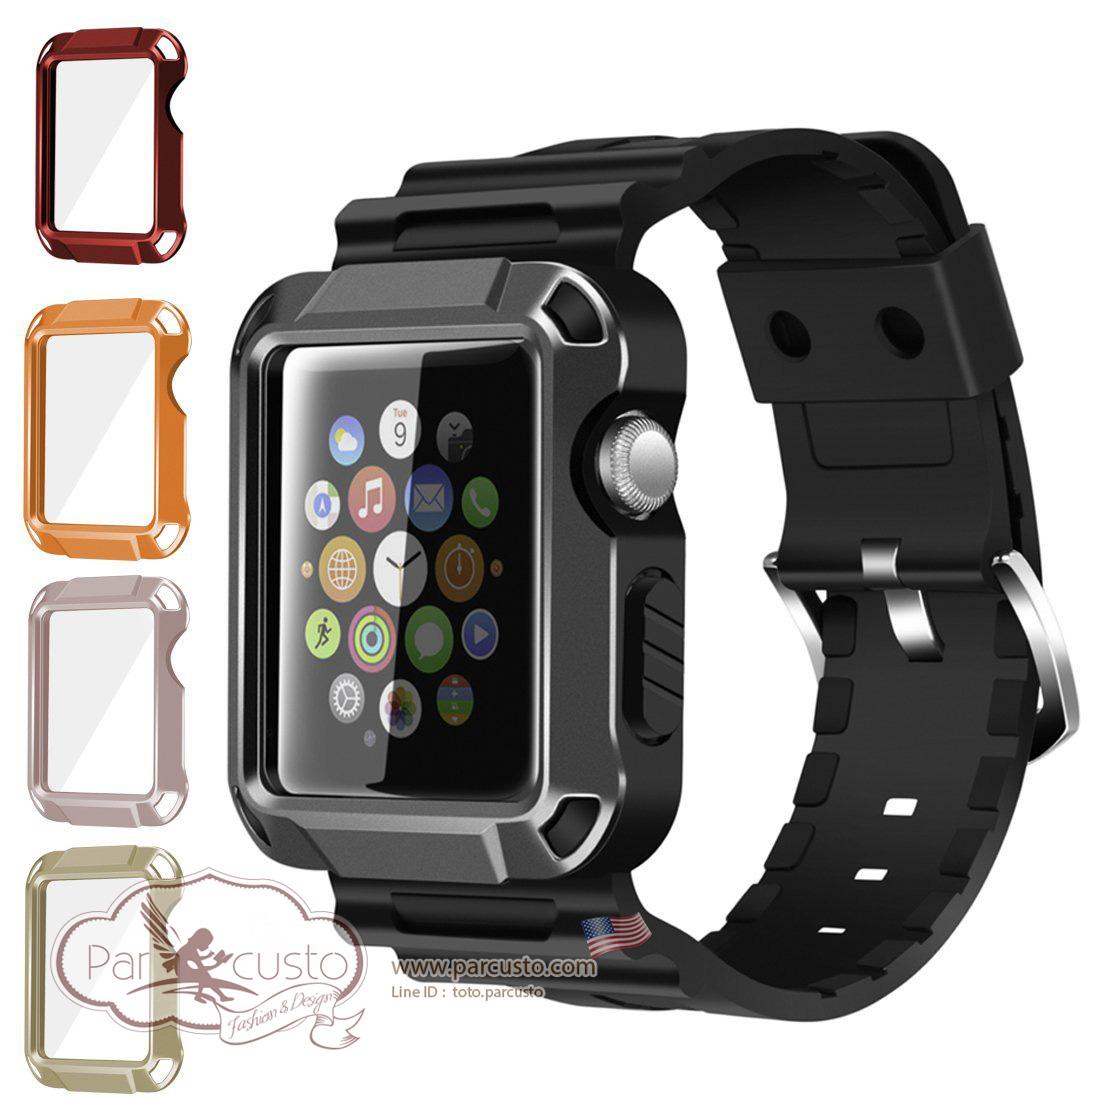 เคสกันกระแทก Apple Watch Series 1 Series 2 ขนาด 38mm และ 42mm [Universal 5-in-1] จาก iitee [Pre-order USA]